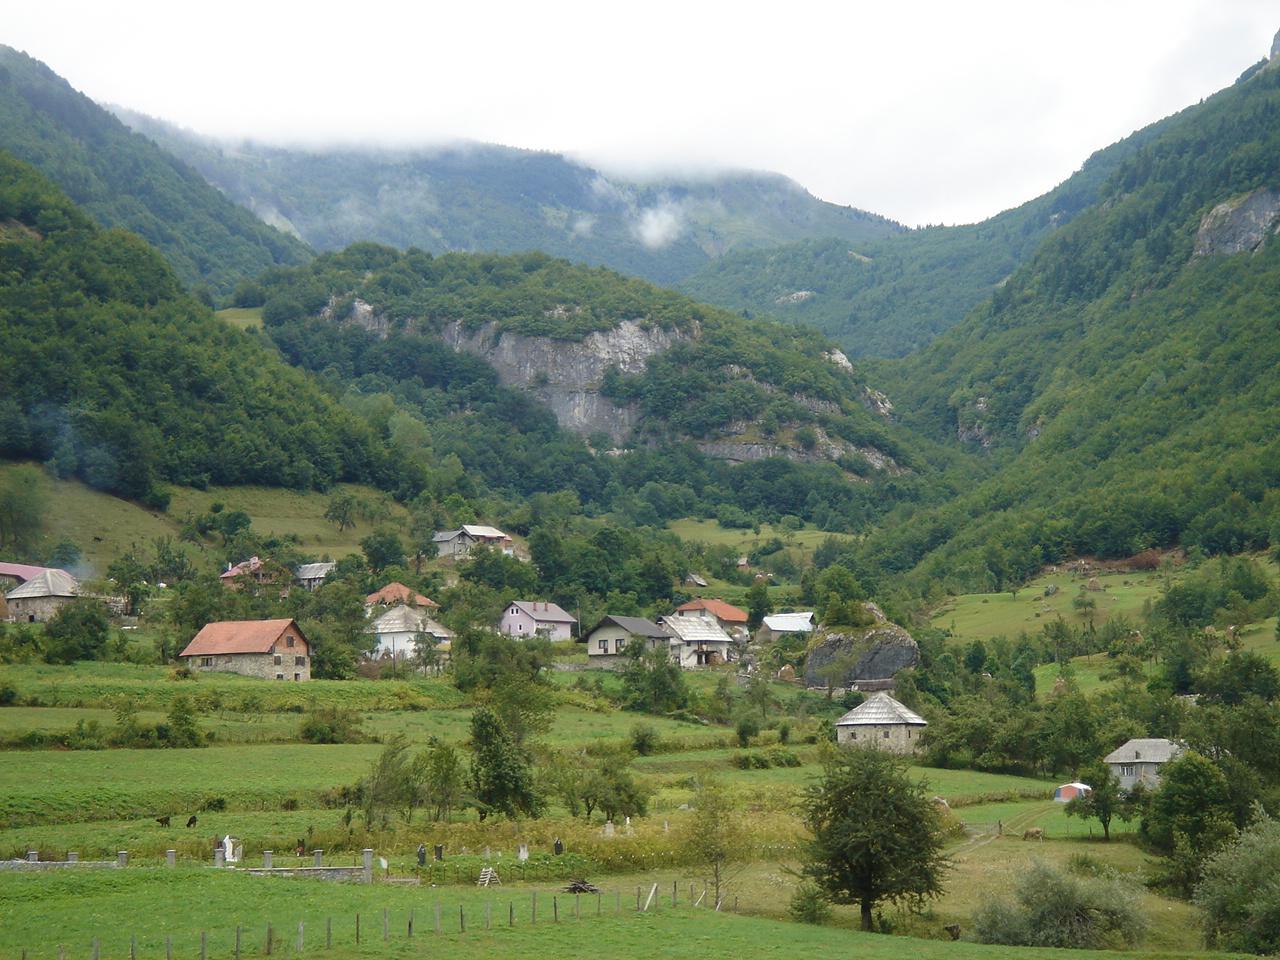 shqiptare - Fotografi te ndryshme nga Natyra e bukur Shqiptare... 3126067466_a06ae01904_o